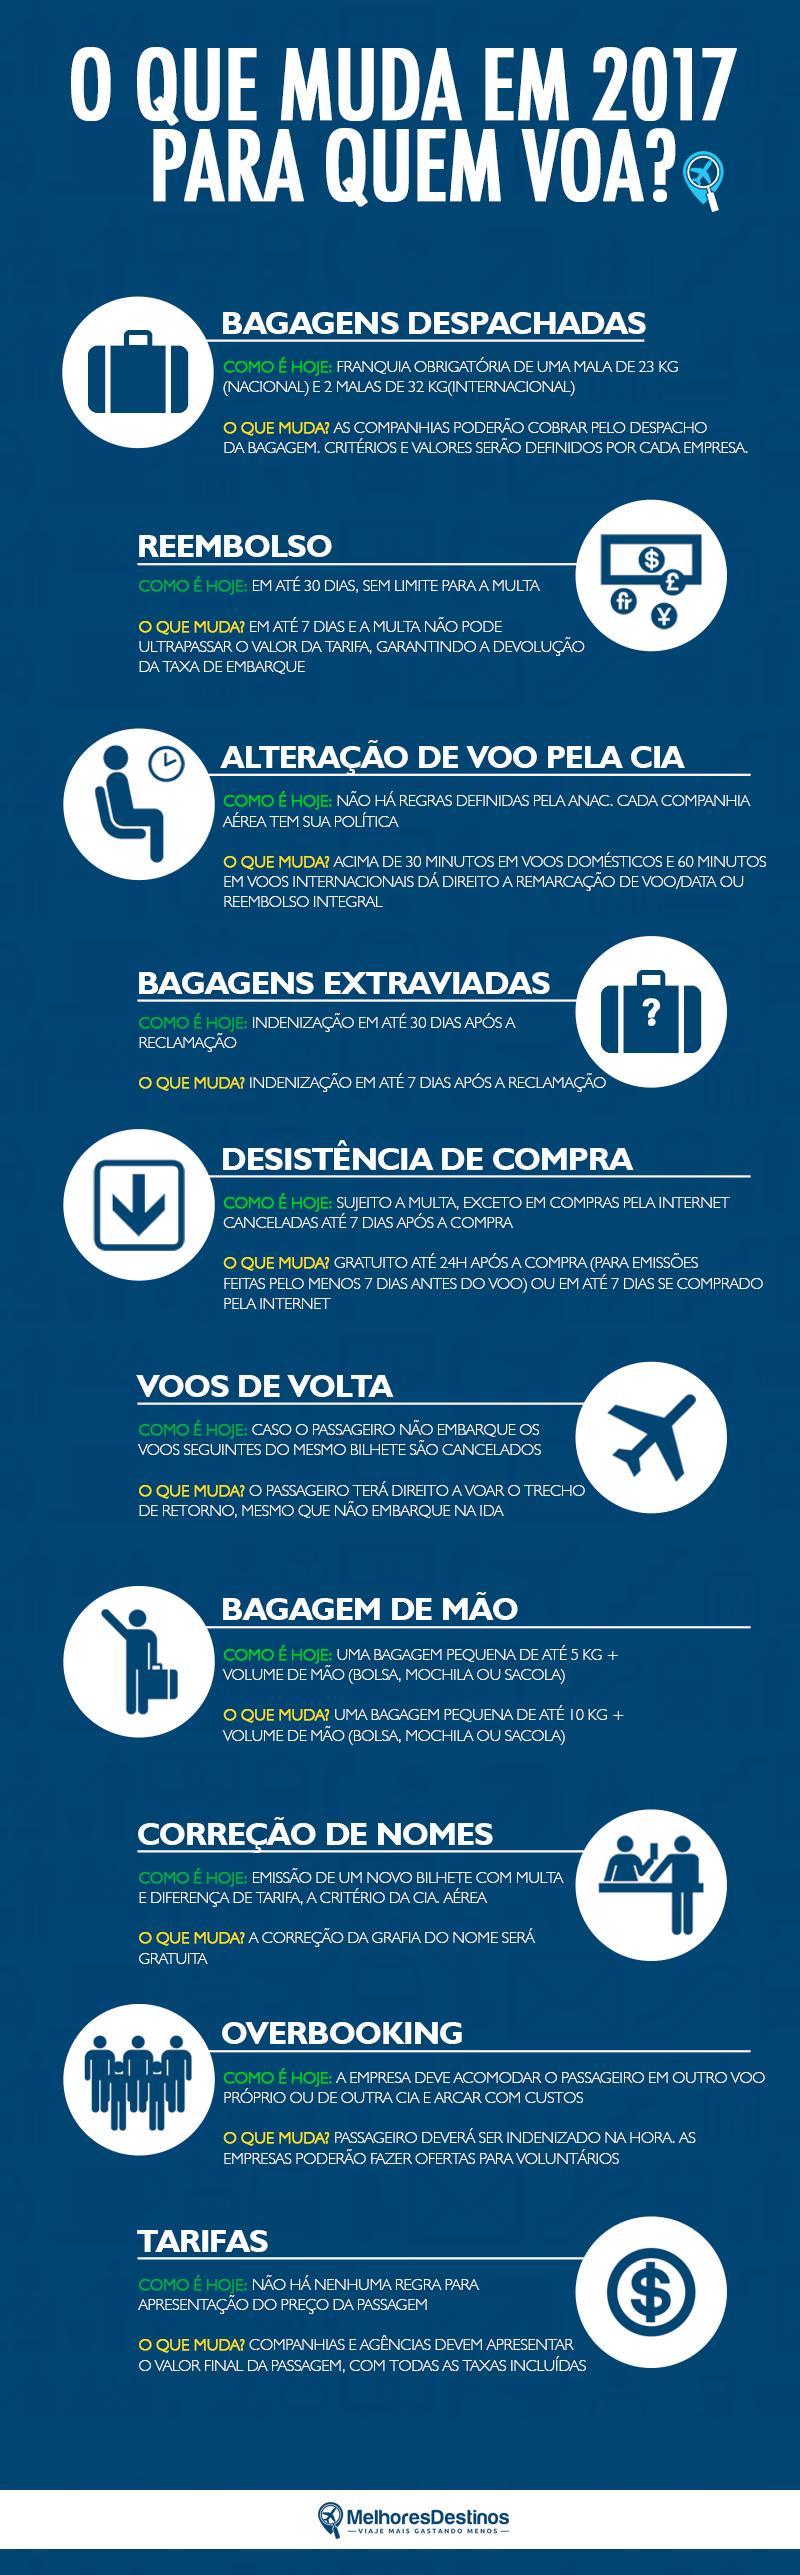 regras-aviacao-anac-bagagens-reembolsos-2017